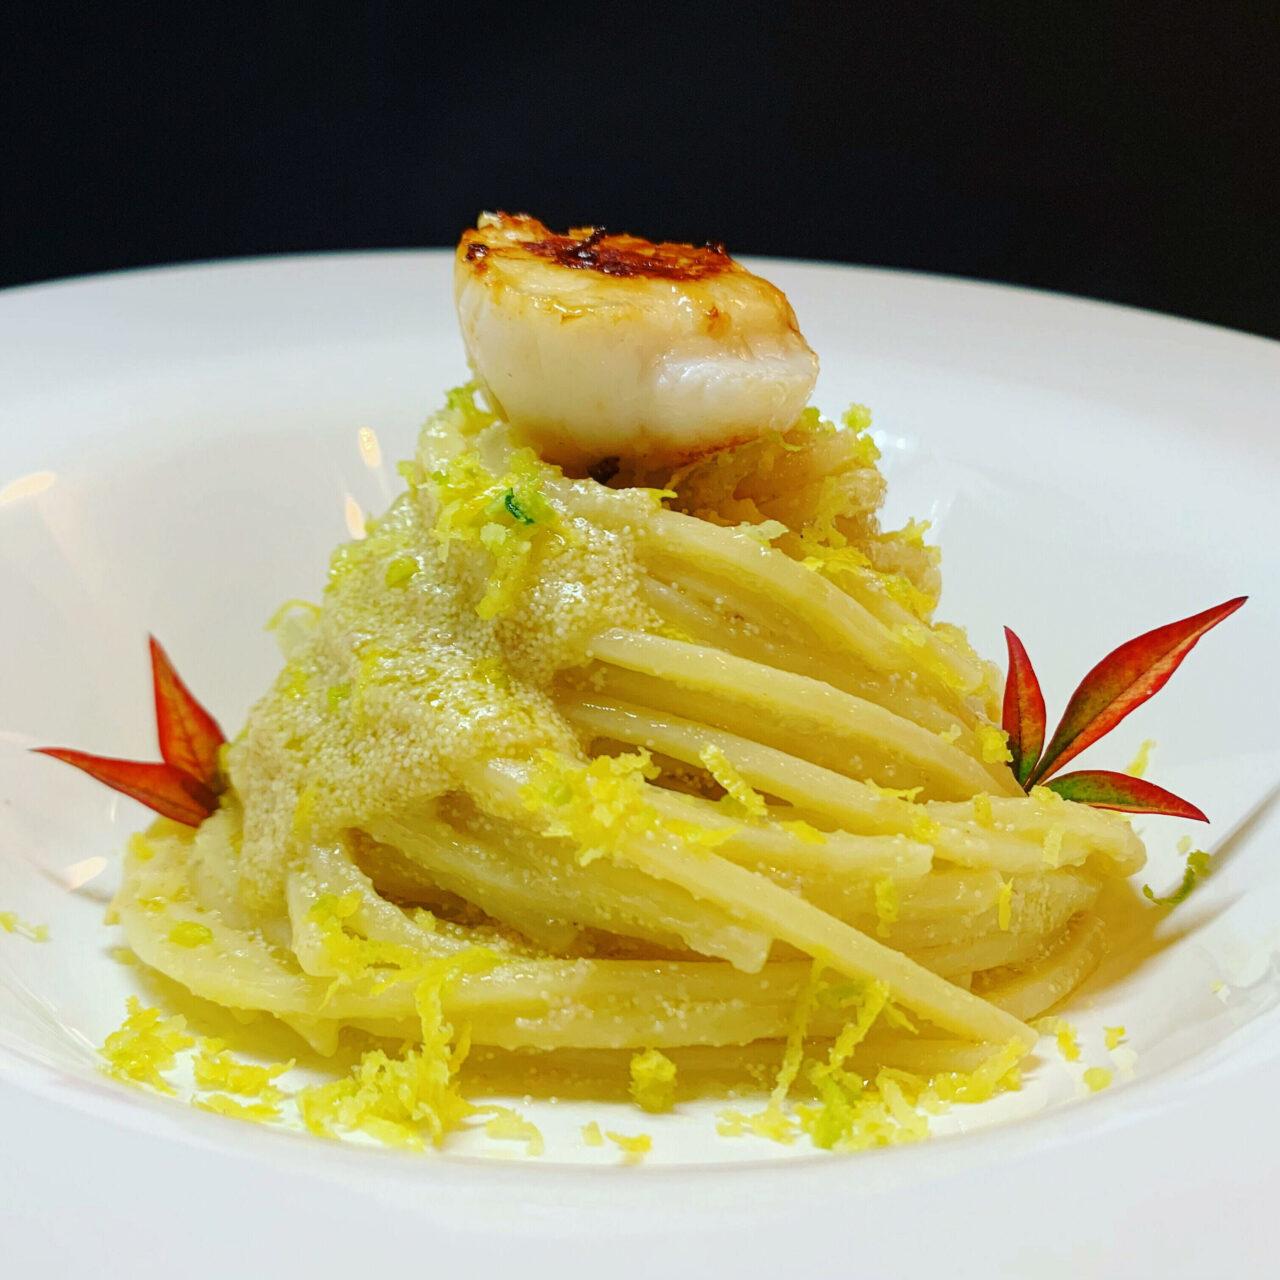 Spaghetti con uova di pesce, capesante scottate e limone